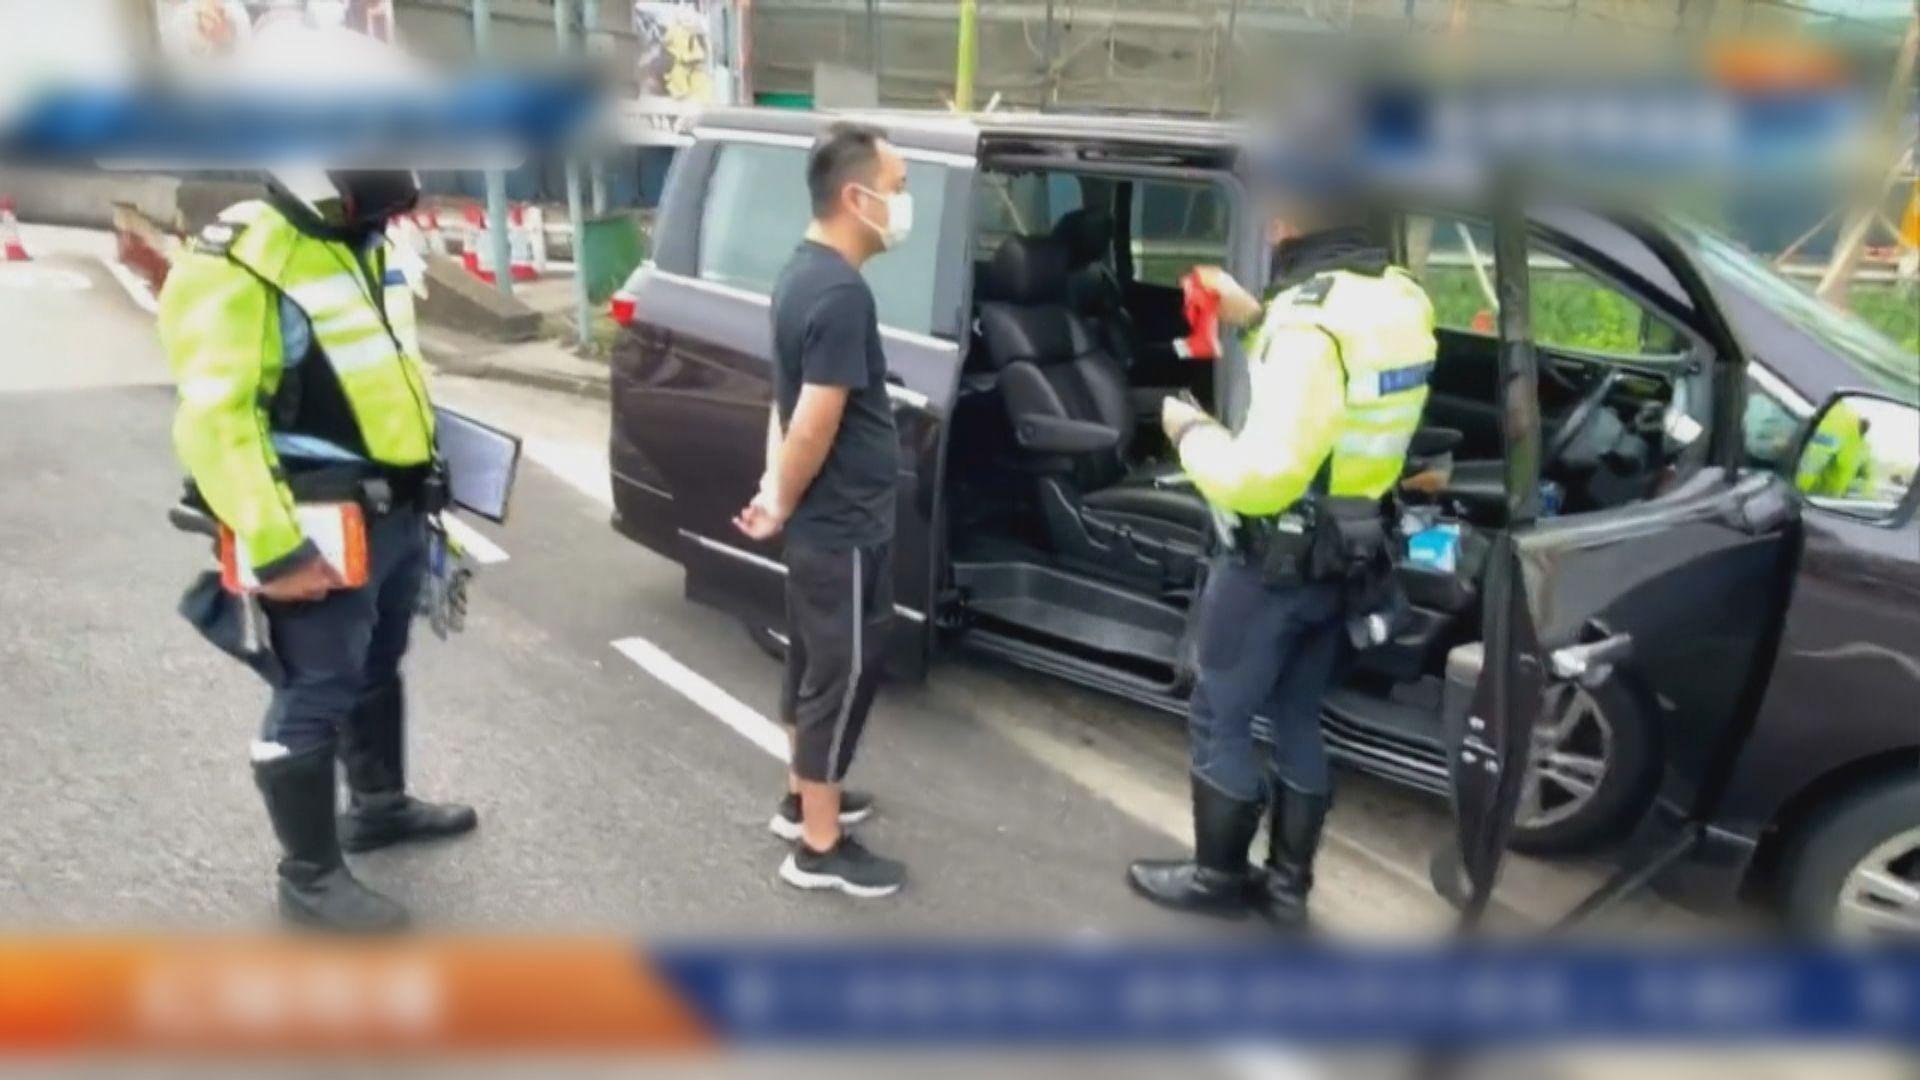 警指紅隧口拘七人涉危駕或藏工具作非法用途